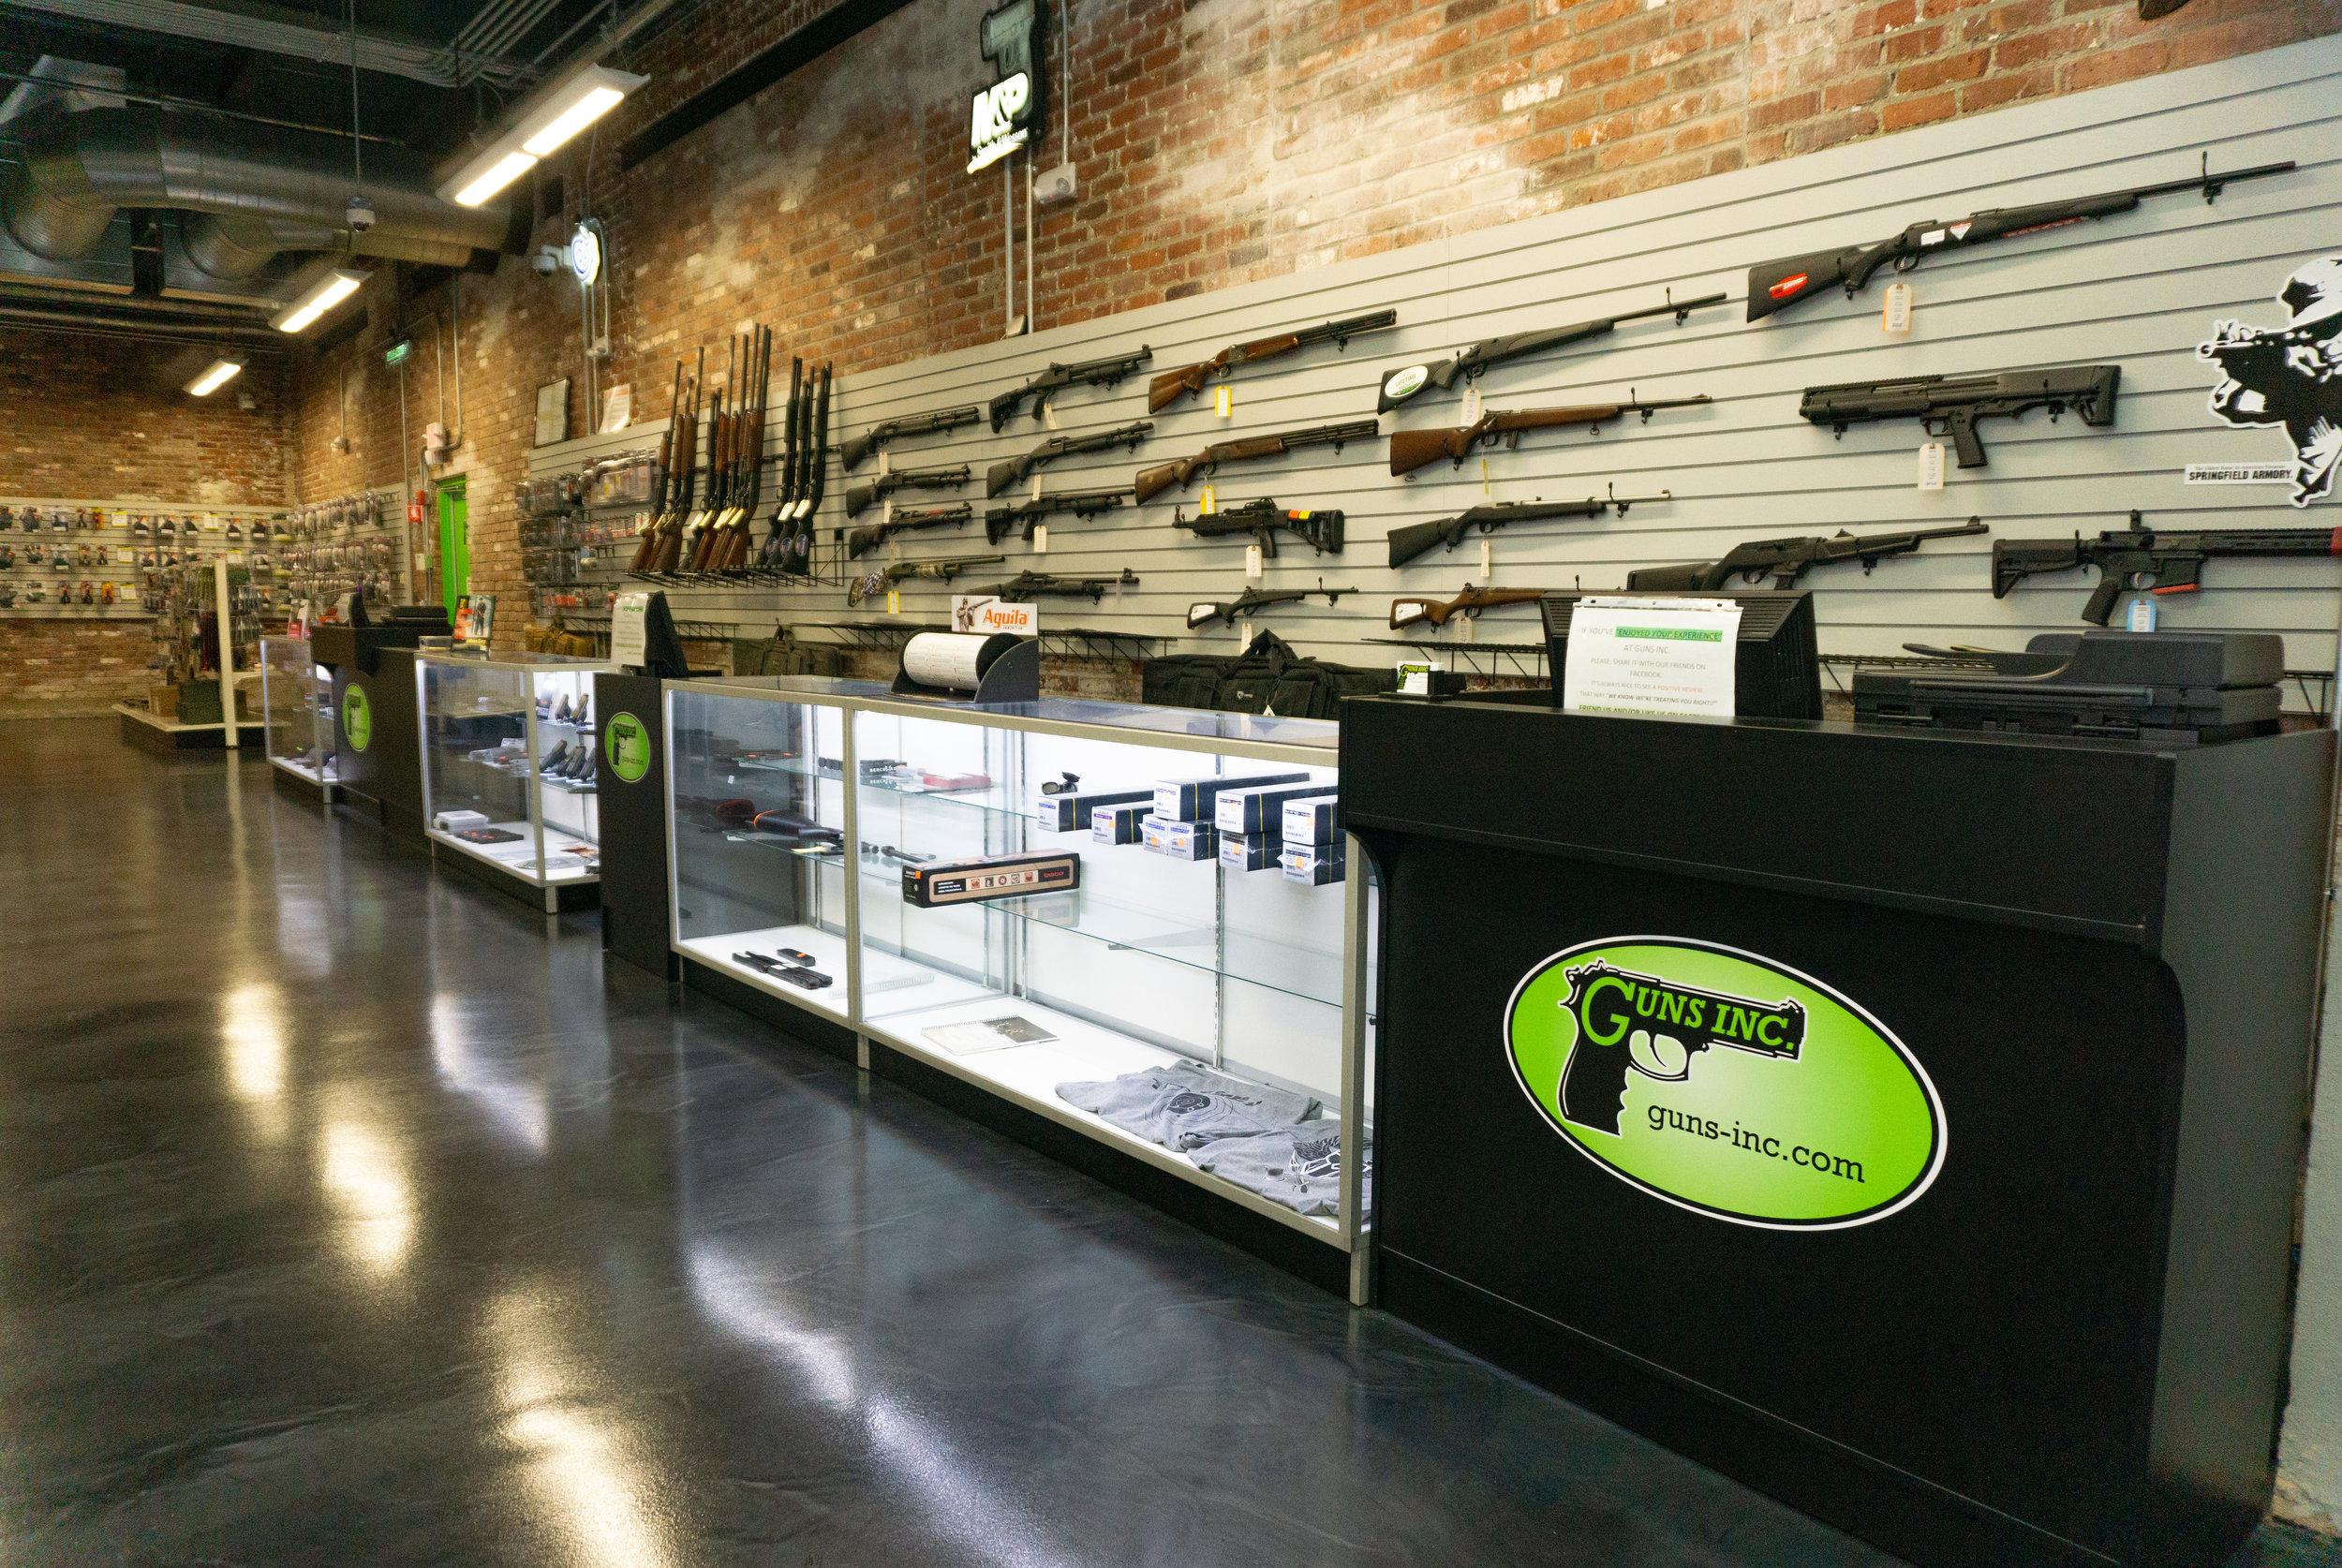 Springfield Gun Shop | Hot Brass (Guns Inc.)